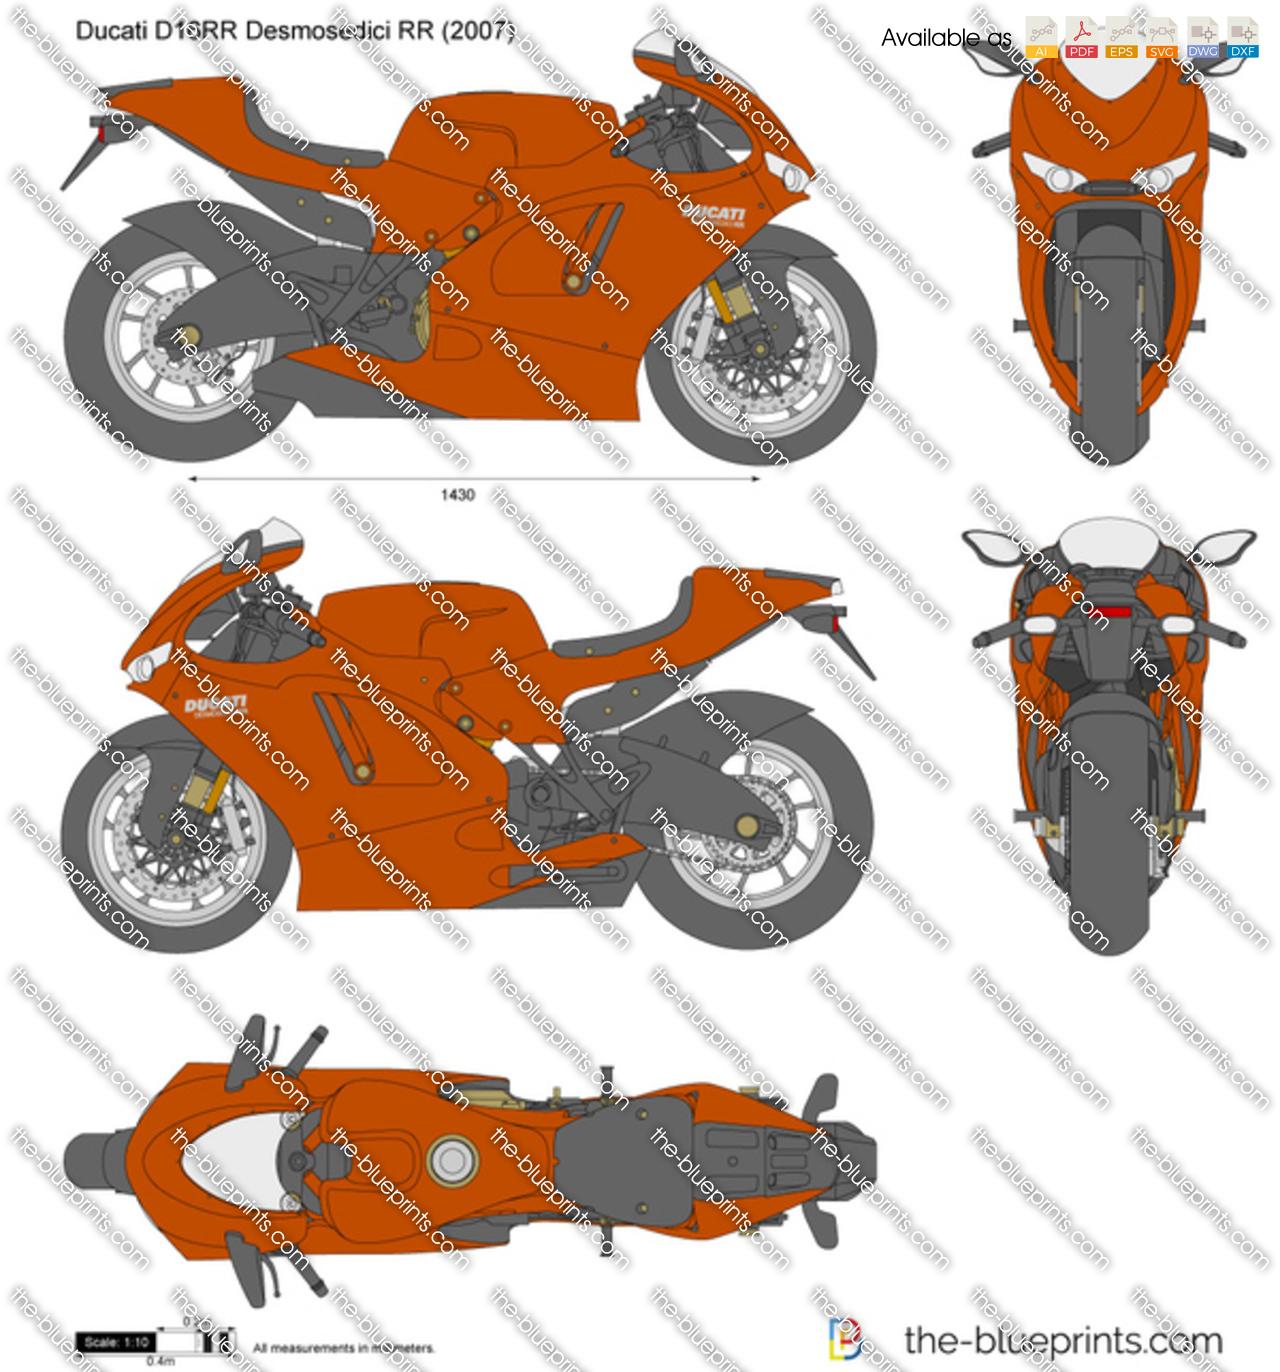 Ducati D16RR Desmosedici RR